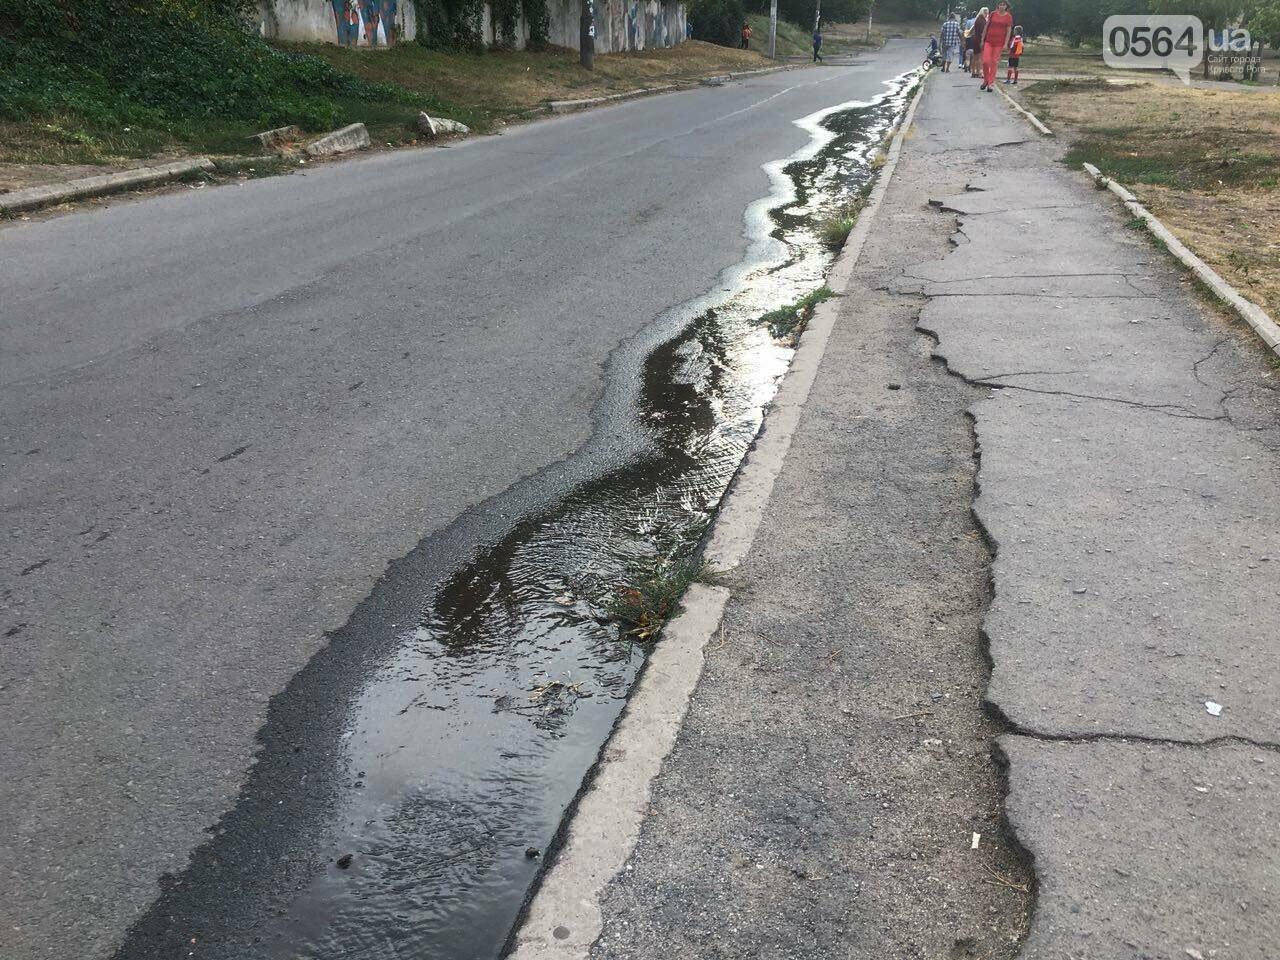 В Кривом Роге несколько дней заливает питьевой водой целый микрорайон, - ФОТО, ВИДЕО , фото-28